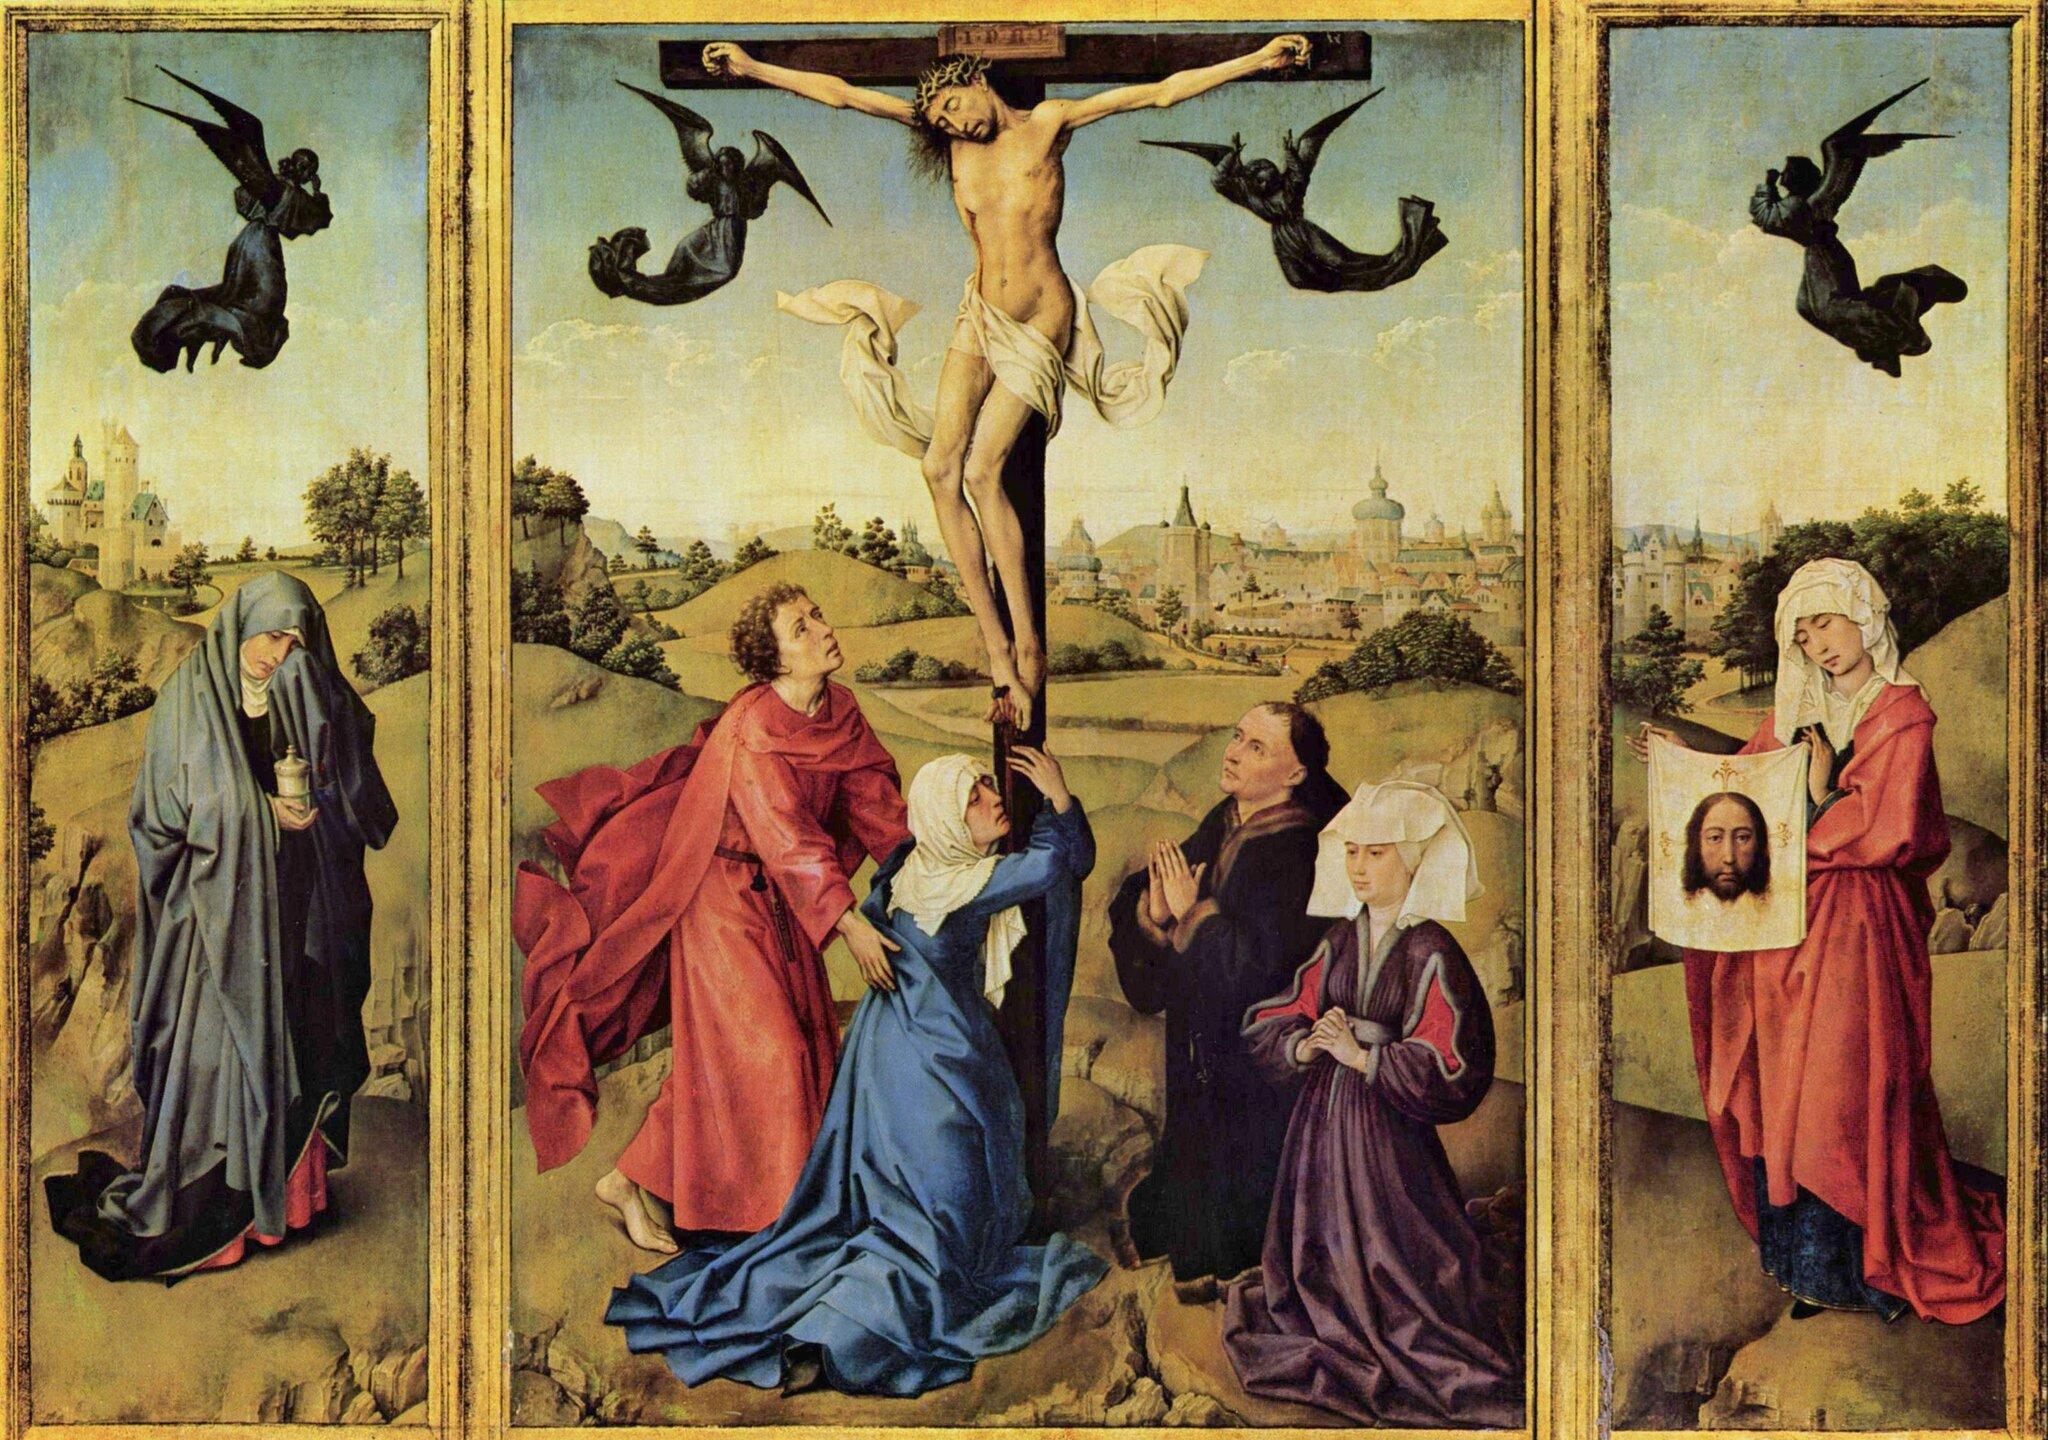 Ukrzyżowanie (tryptyk) Źródło: Rogier van der Weyeden, Ukrzyżowanie (tryptyk), 1440–1445, olej na desce, Muzeum Sztuki wWiedniu, domena publiczna.